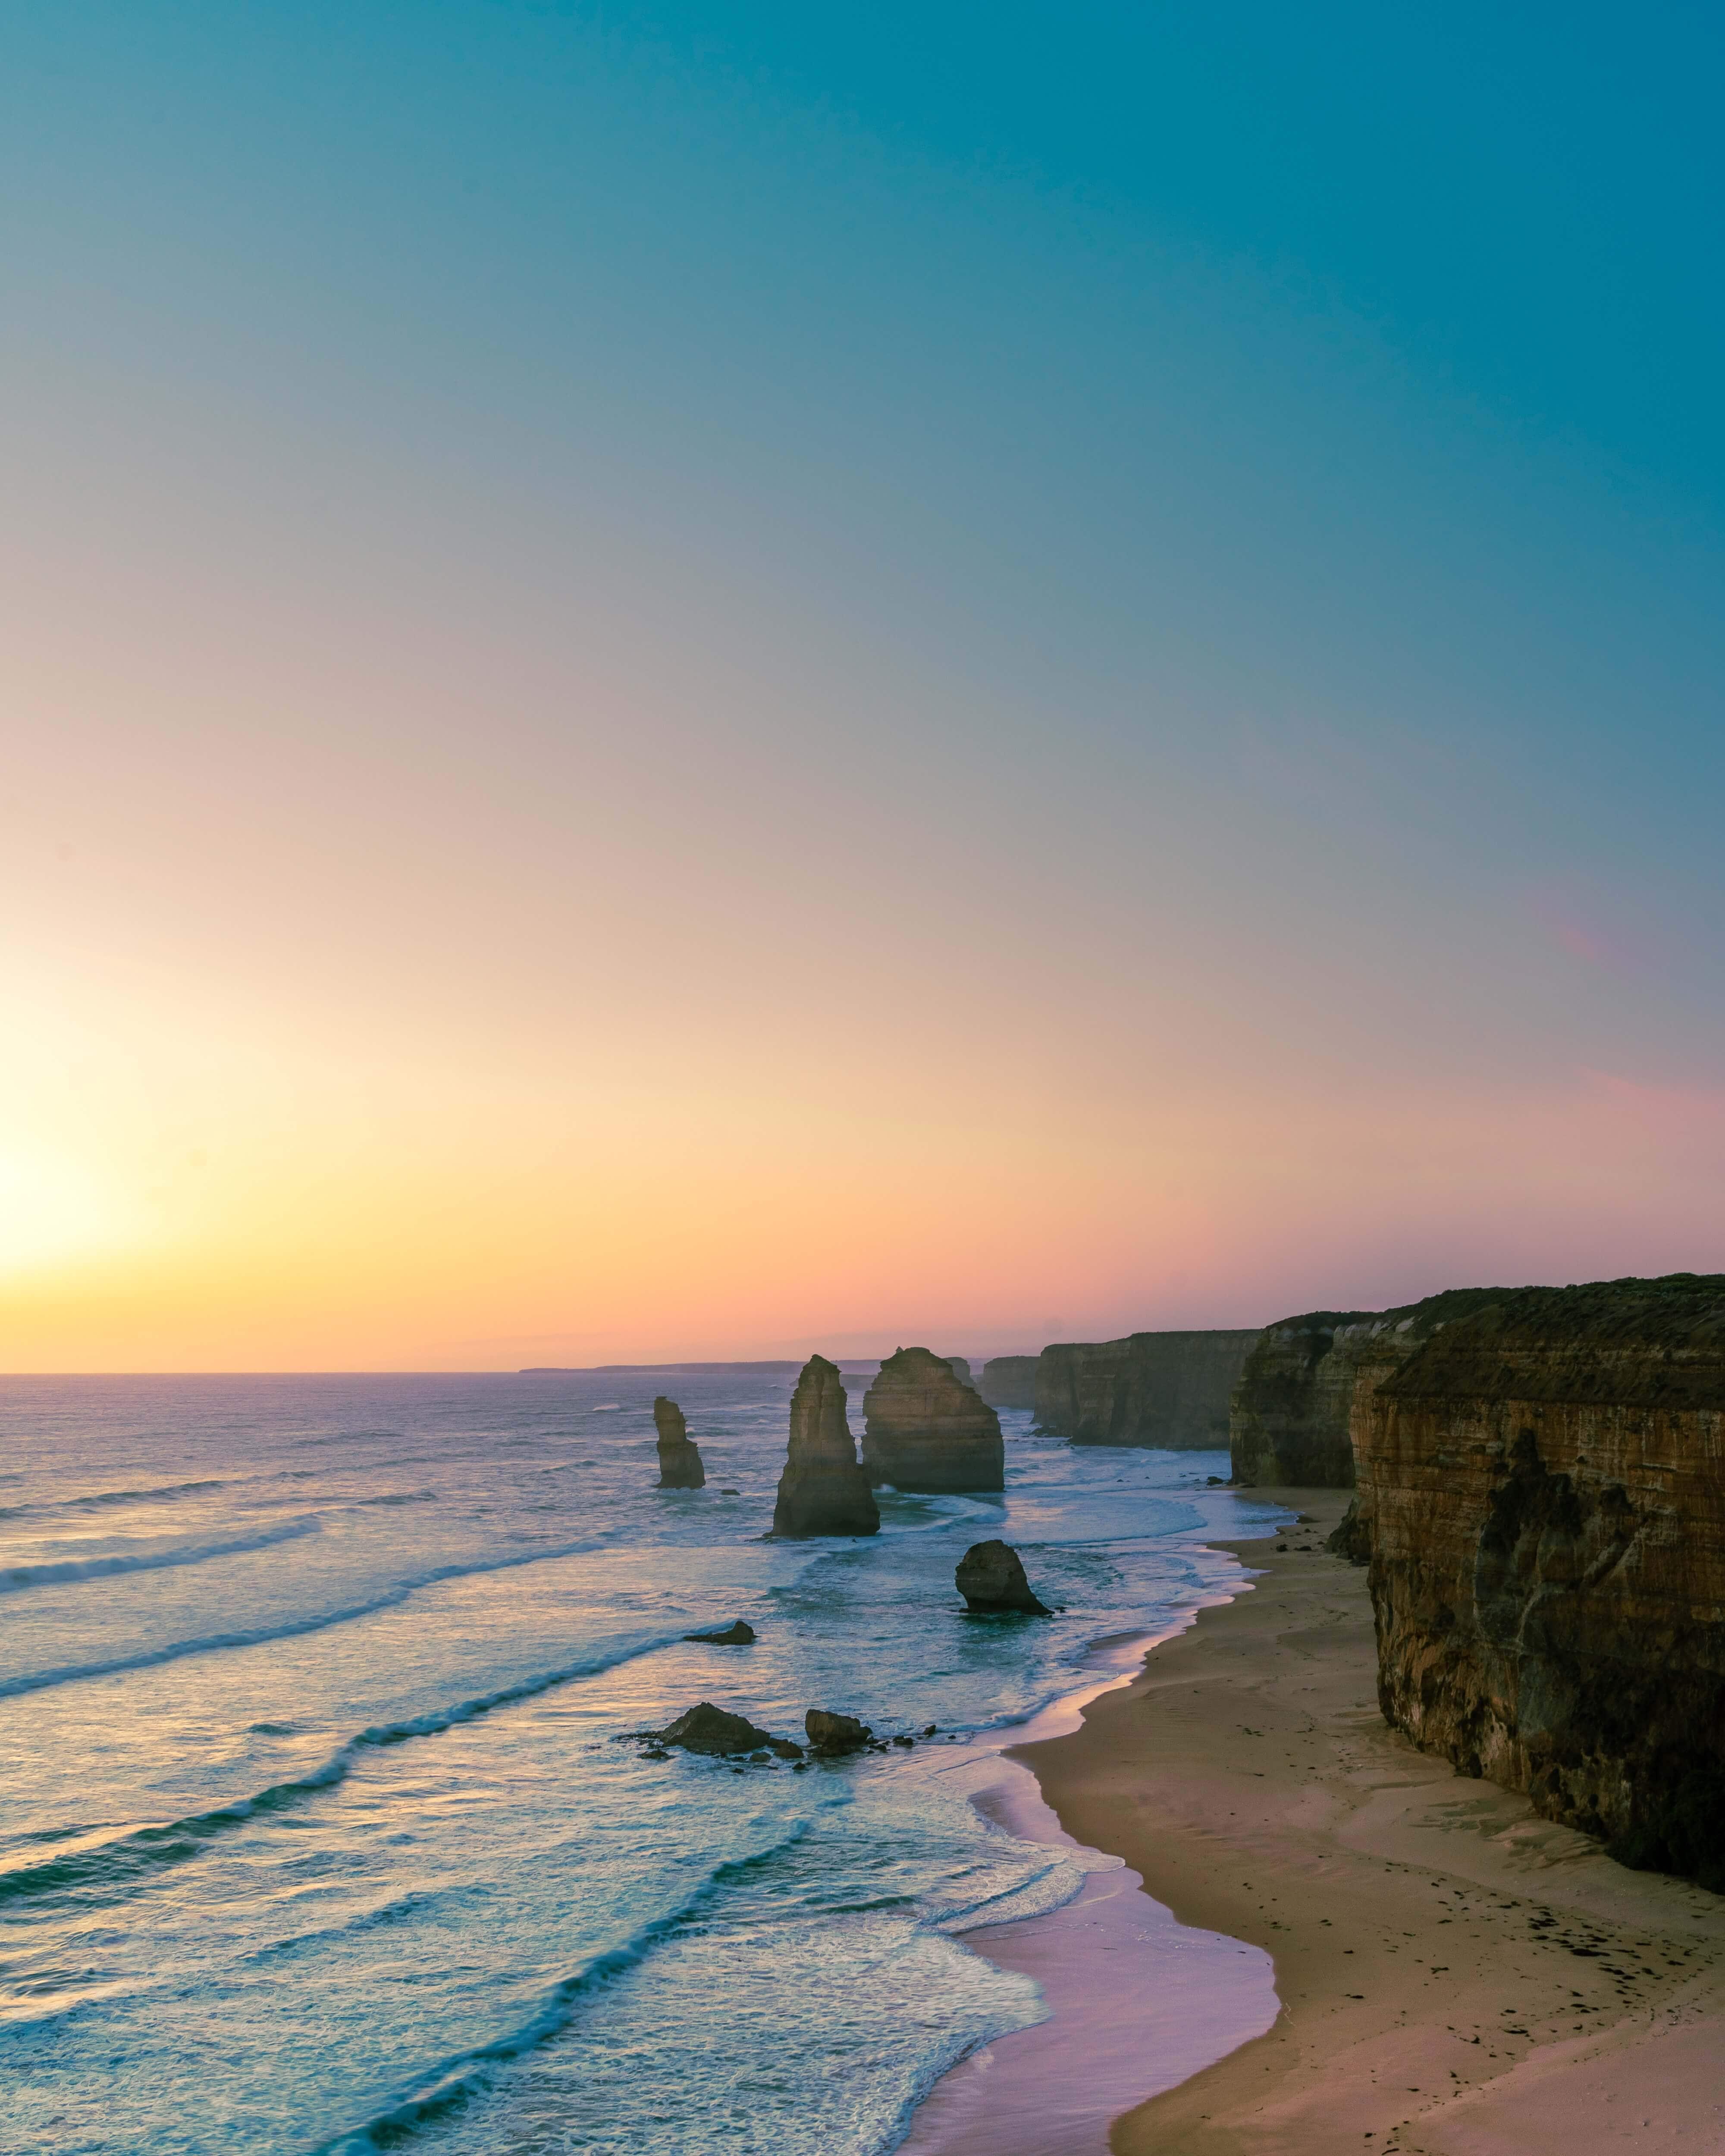 12 apostles great ocean road (1)